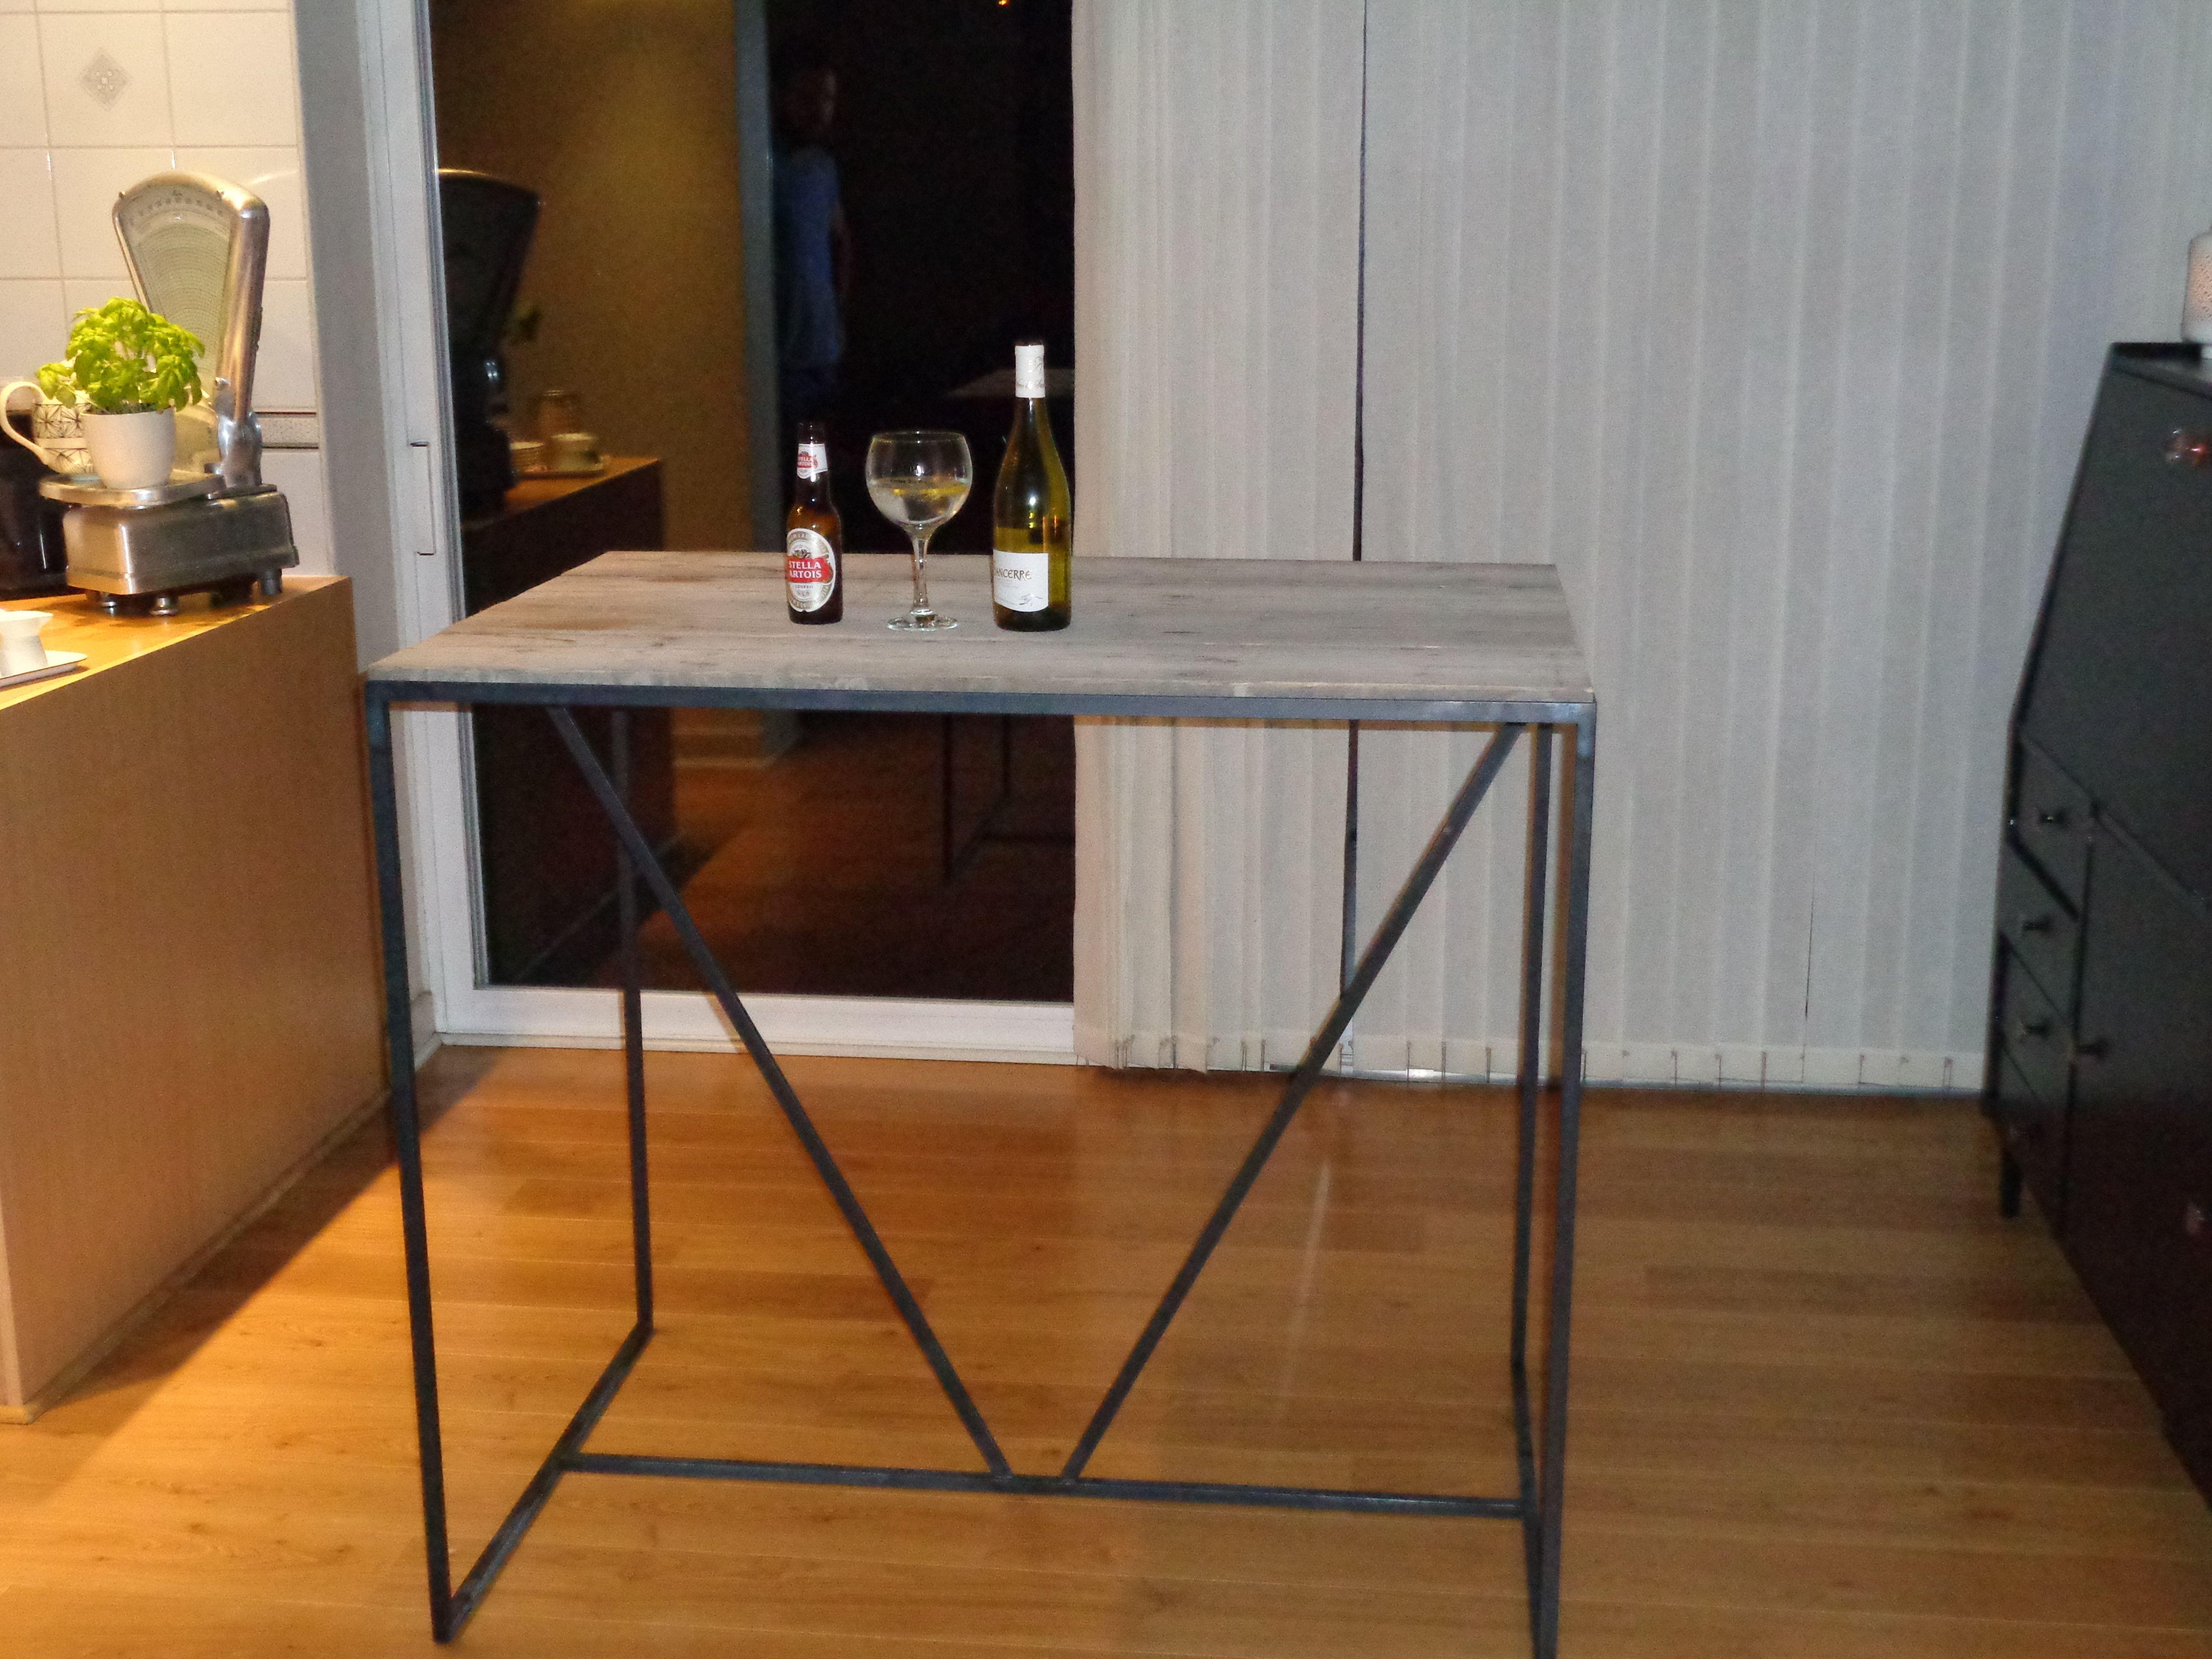 Eettafel 2 Personen.Hoge Eettafel Voor 2 Personen Tafel S Desk Table En Furniture